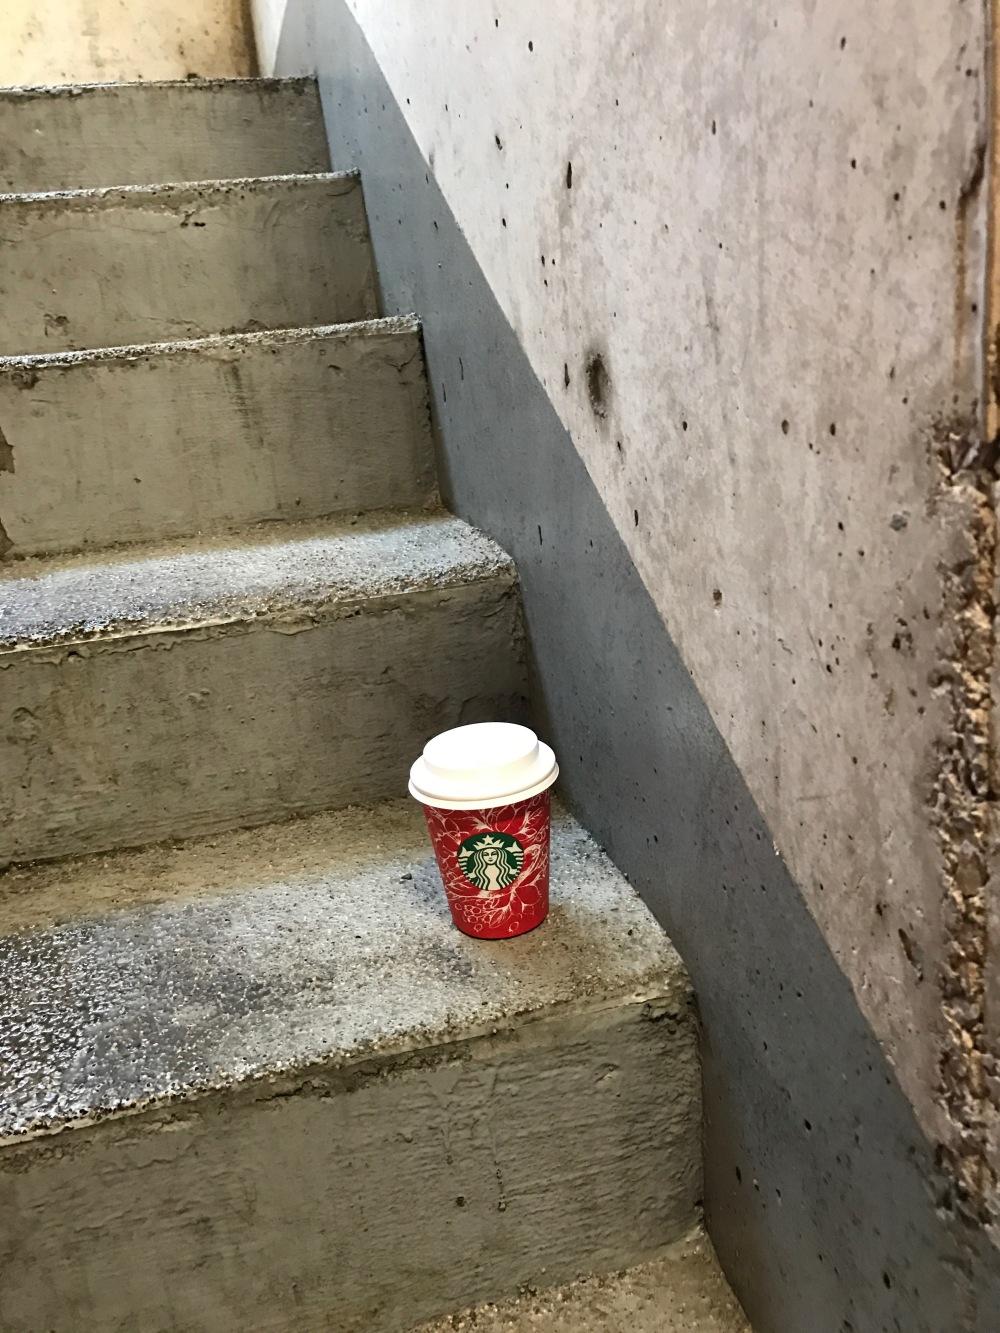 Stairway coffee